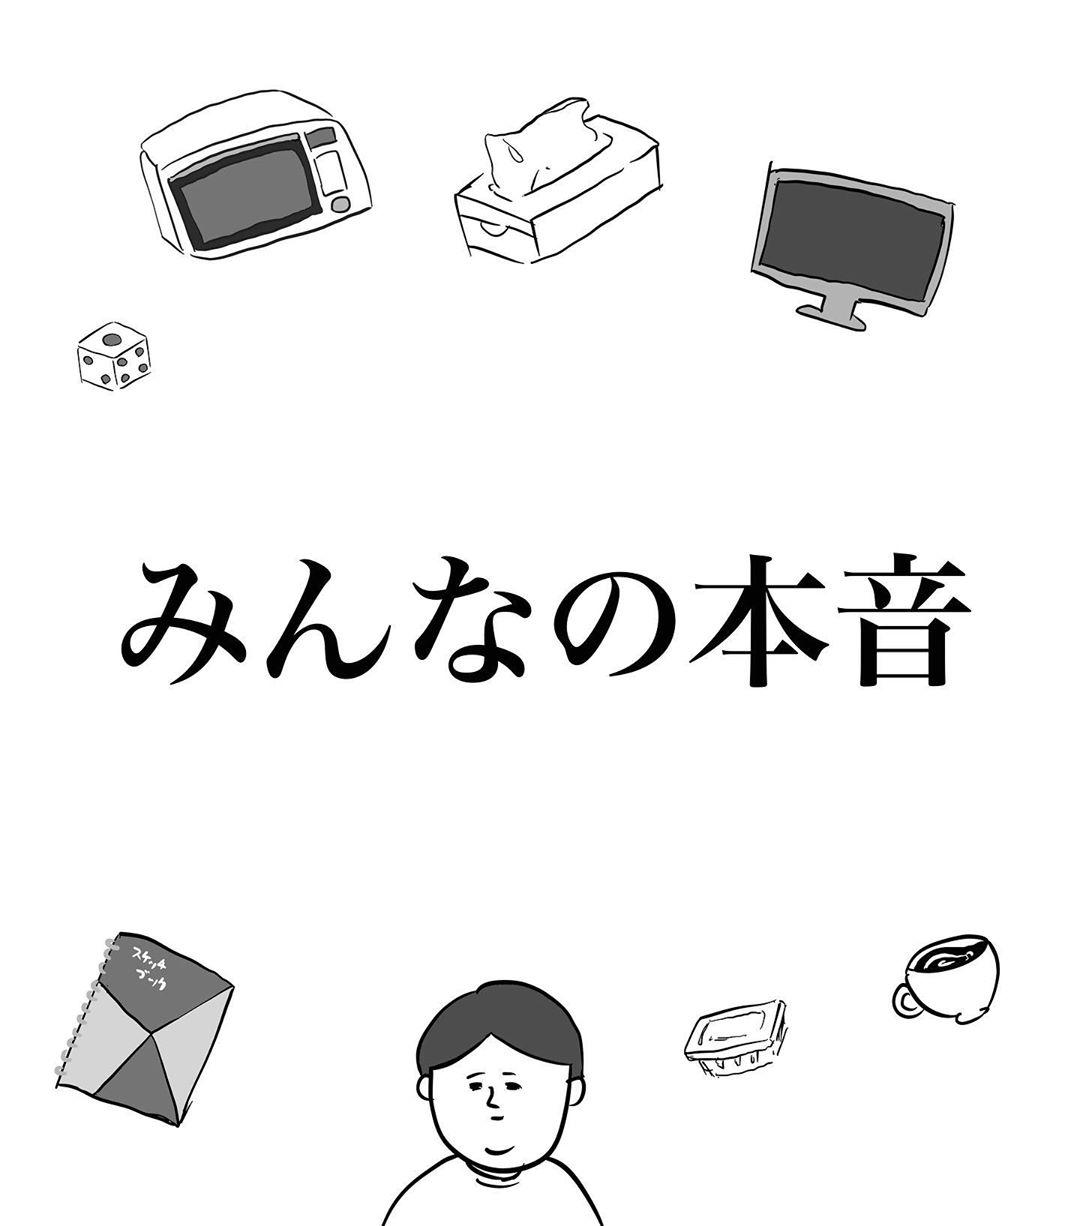 iiazishichuu_87740523_521919011856702_33676924242196048_n